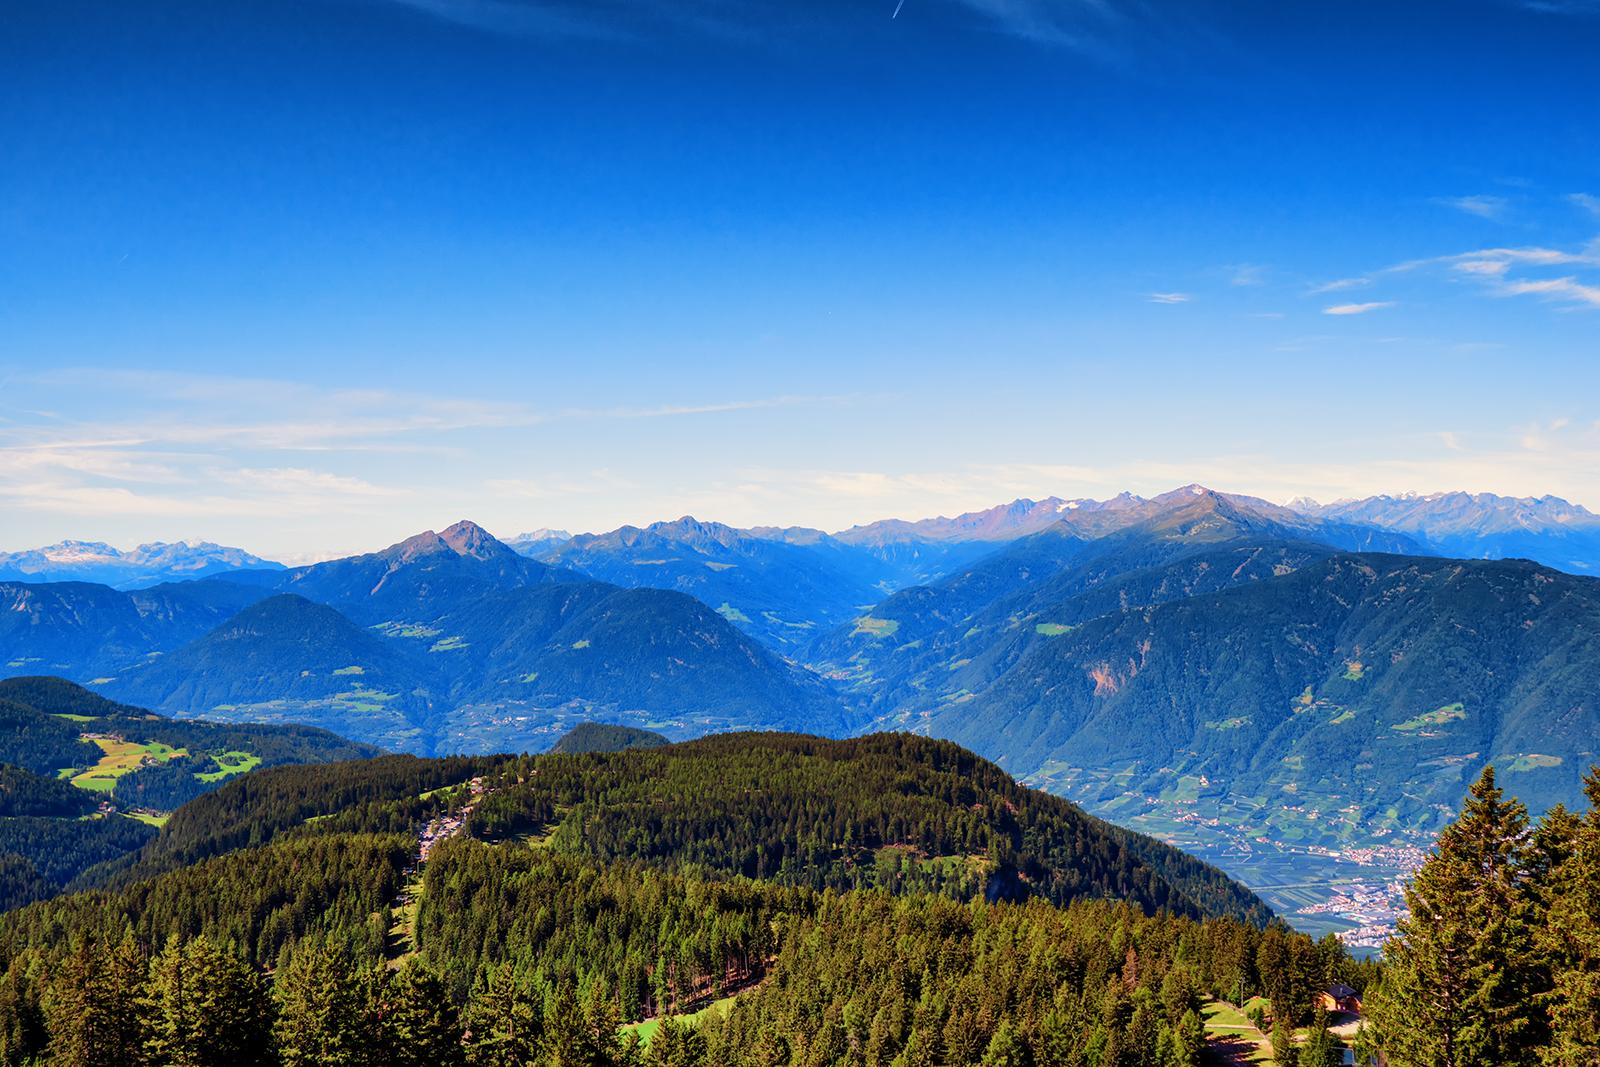 Dolomite, merano, italy, mountains, threes, green, sony, sony a6500